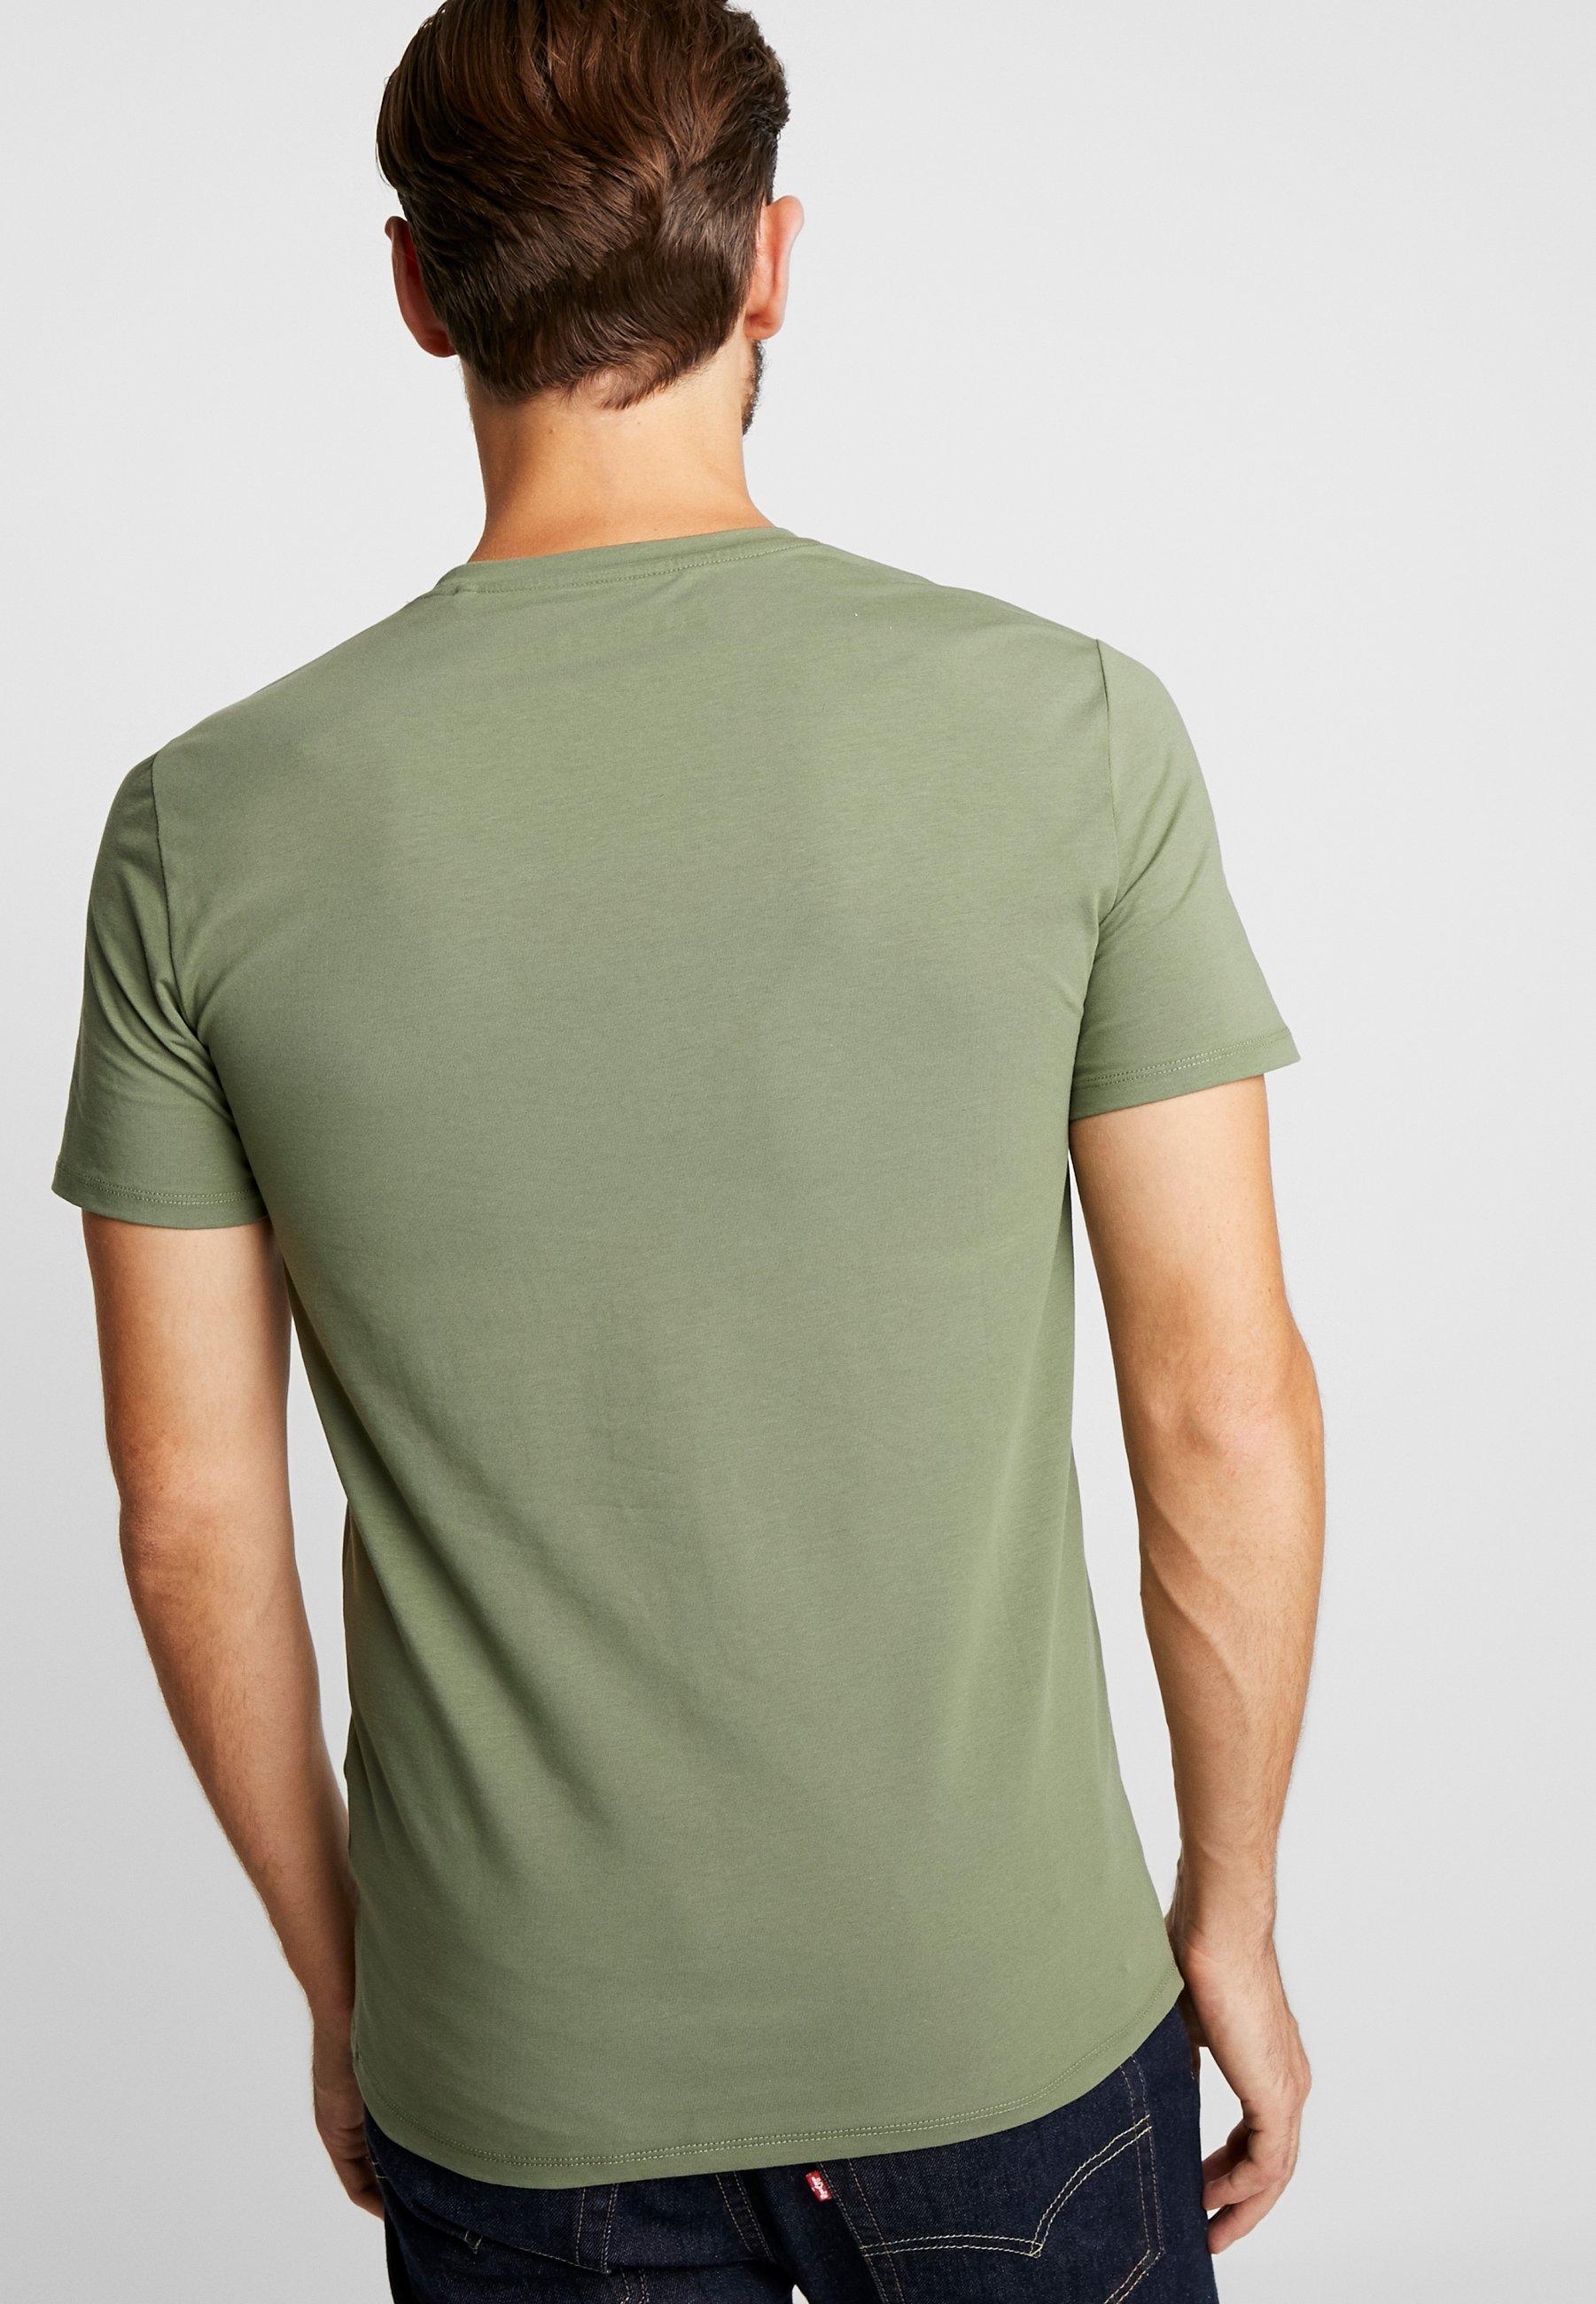 Imprimé Deep Jungle Guess Packed shirt TeeT QdthxsrC